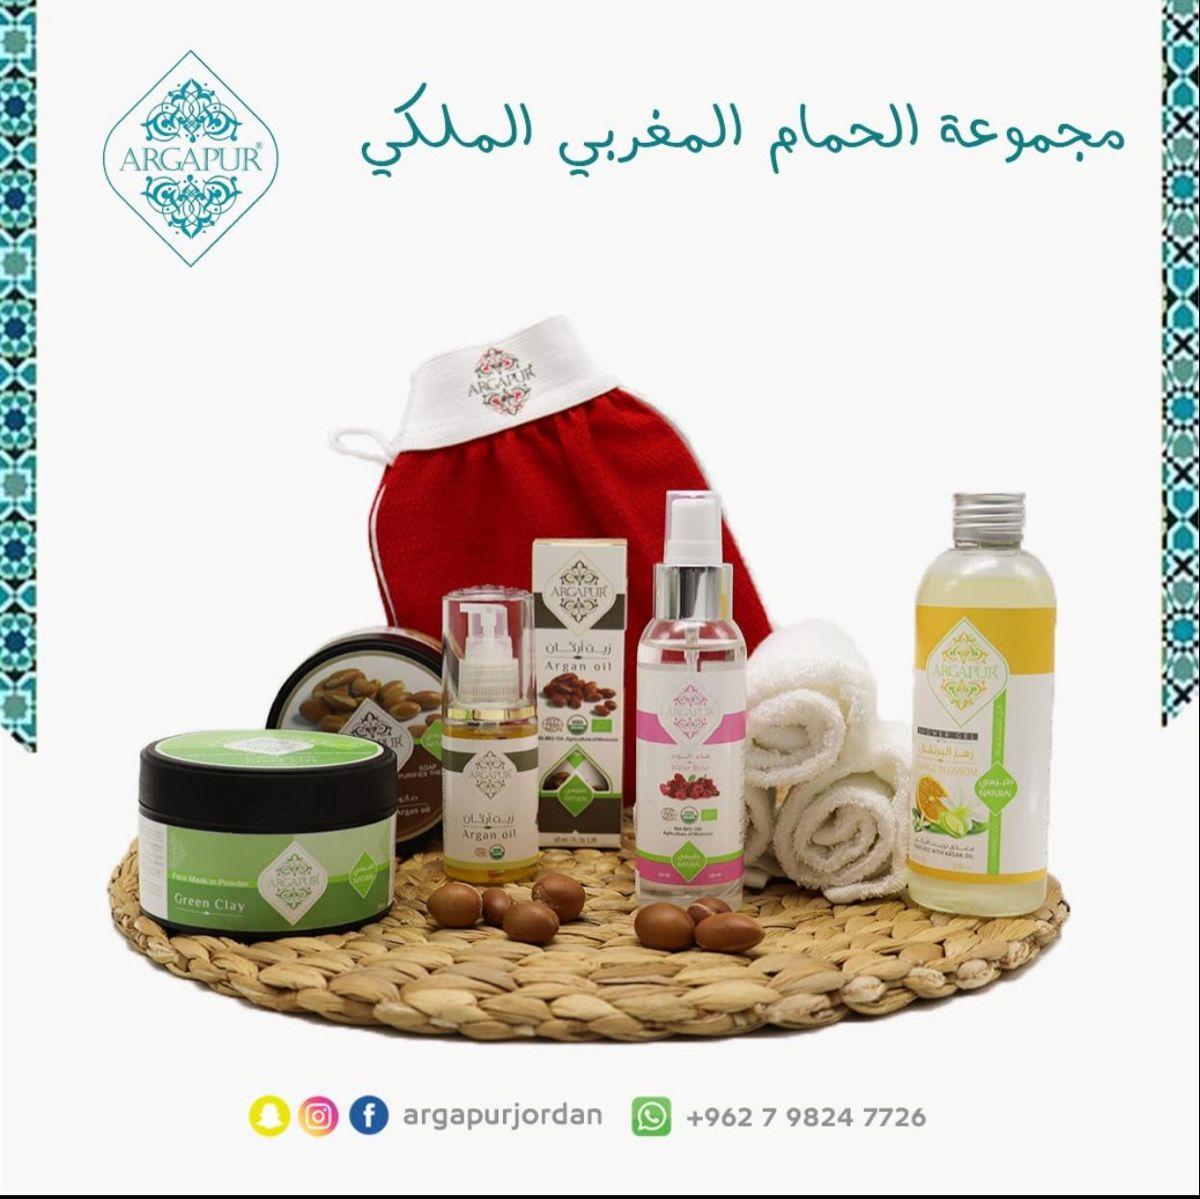 بكج الحمام المغربي الملكي جميع المنتجات حاصلة على شهادة الايزو Picnic Basket Picnic Basket